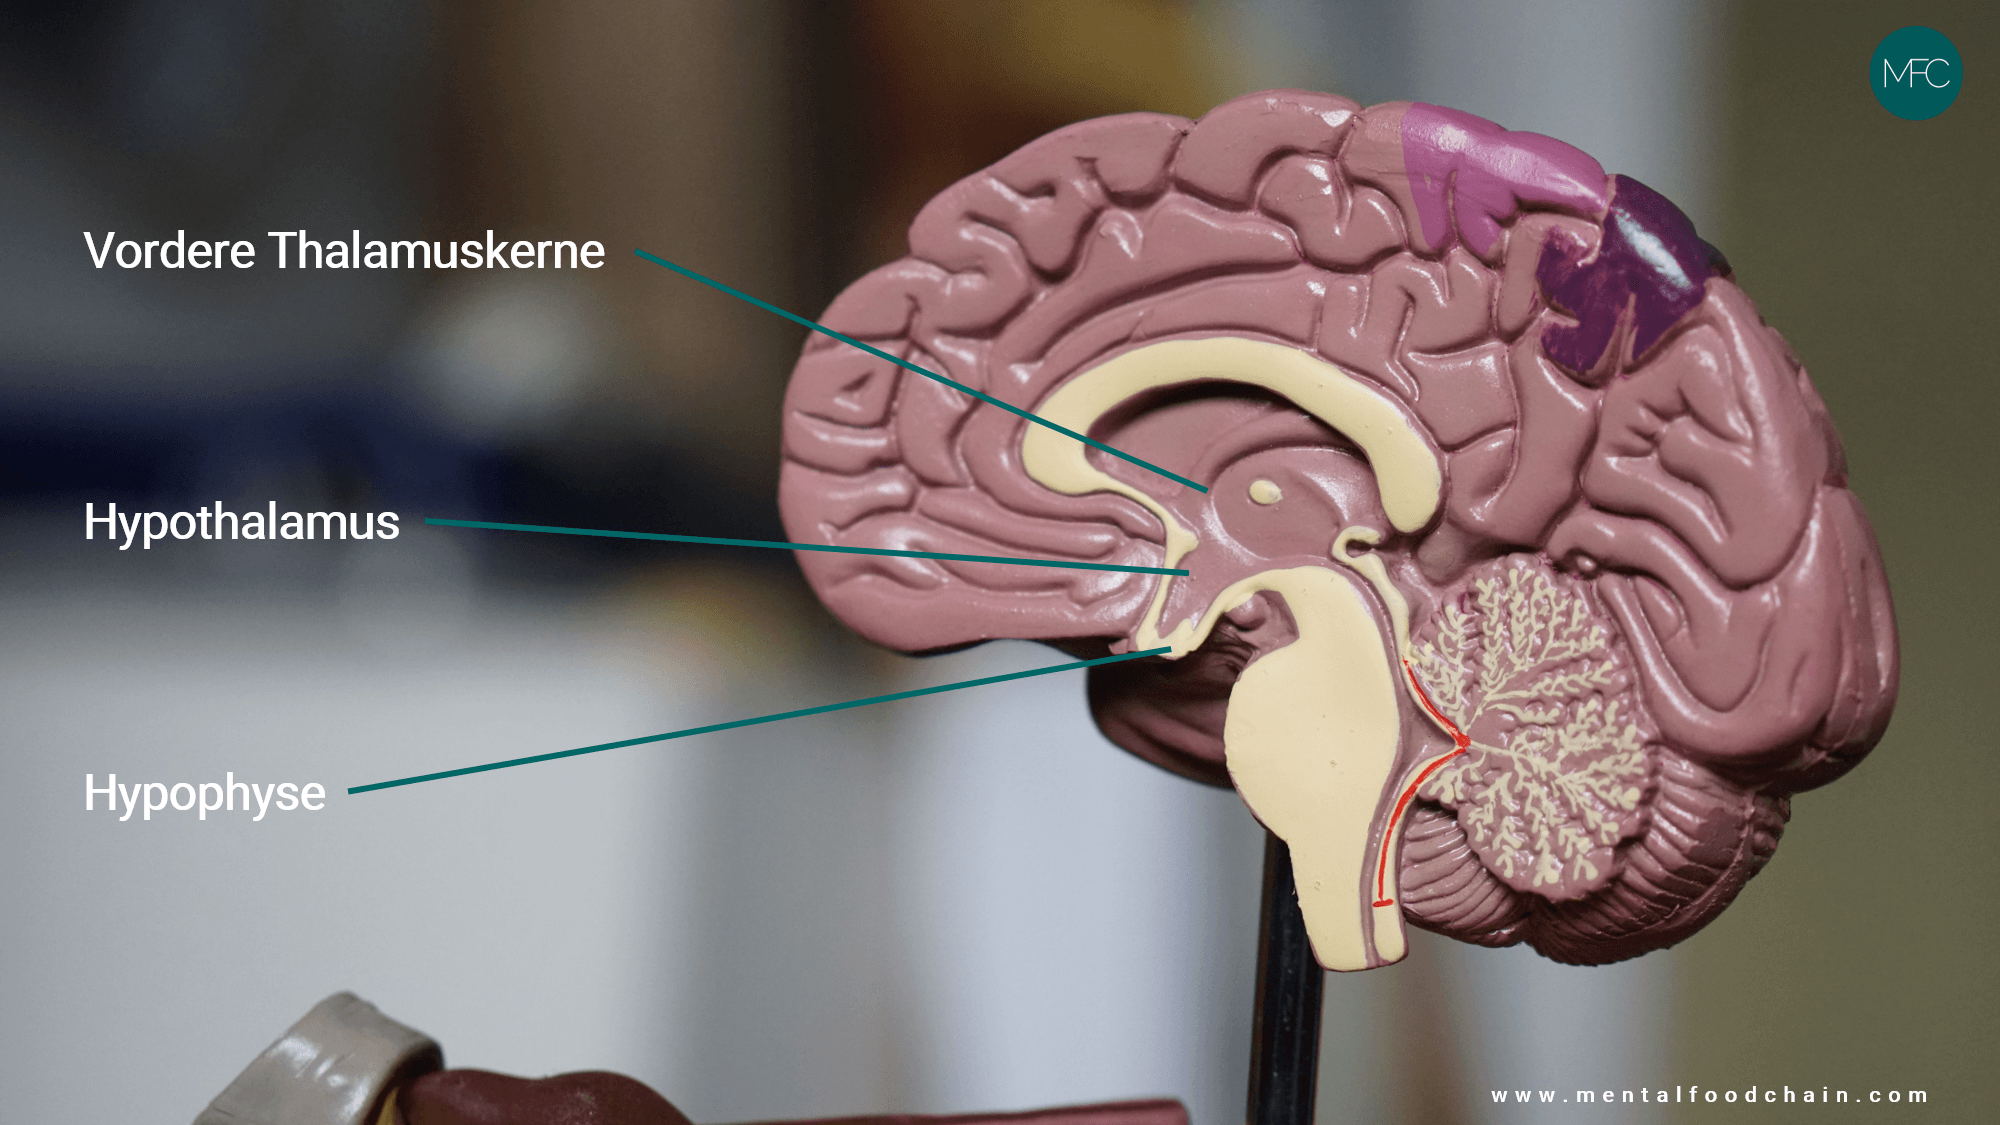 Der Hypothalamus liegt über der Hypophyse im Zwischenhirn